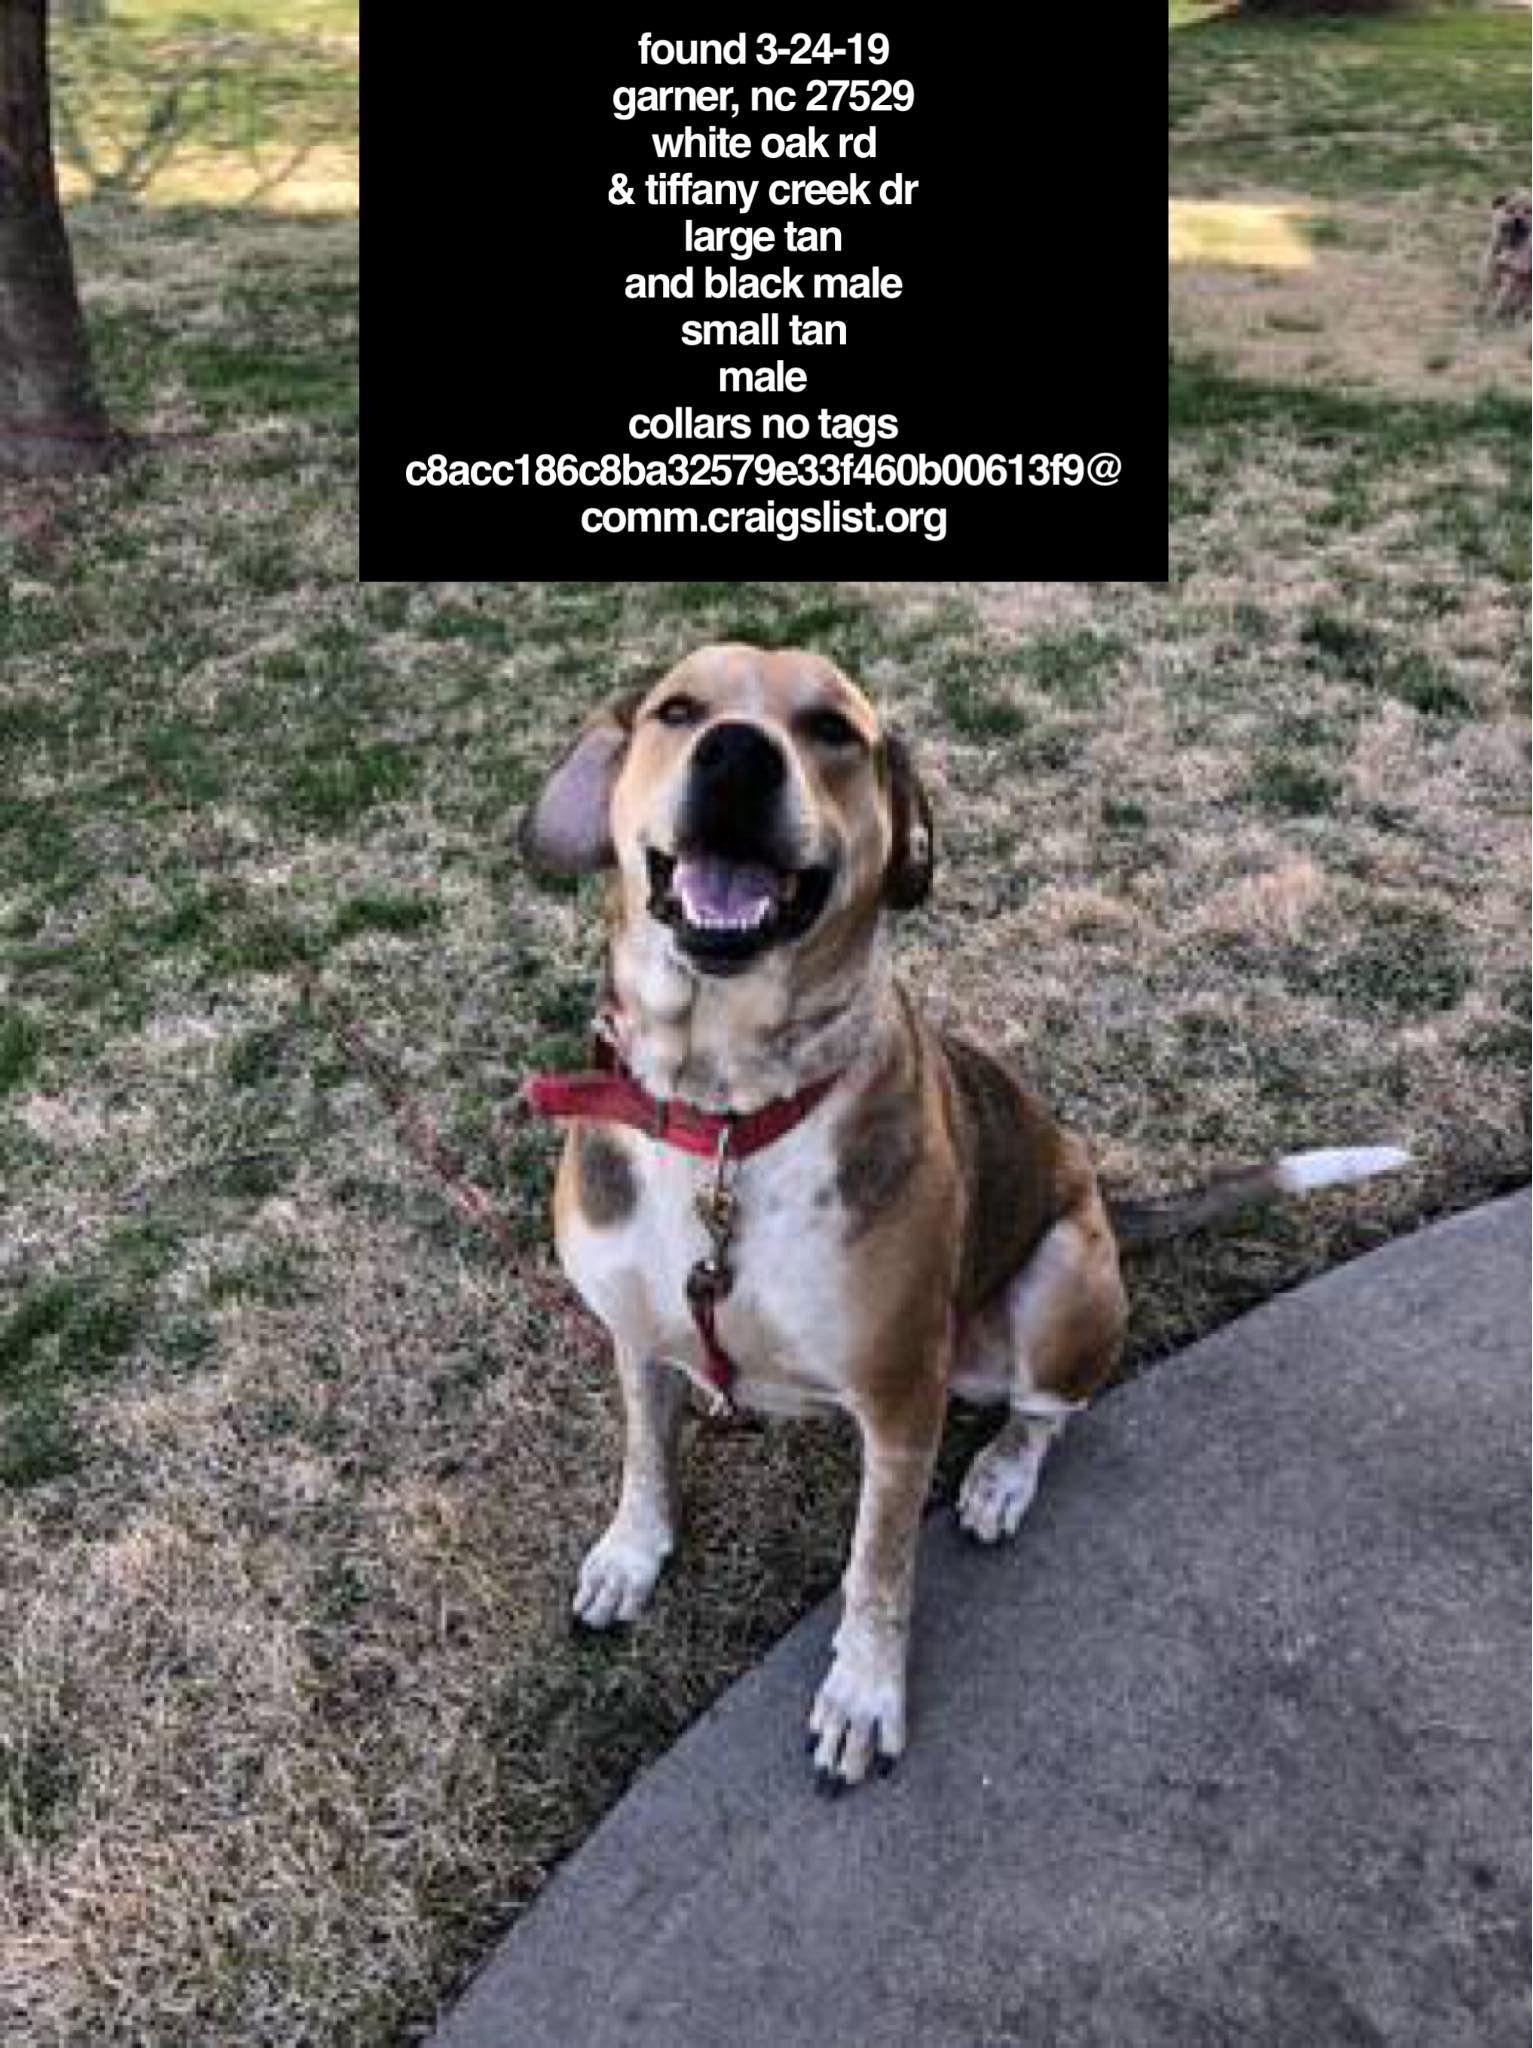 FOUNDdog 3-24-19 #Garner, #NC 27529 White Oak Rd & Tiffany